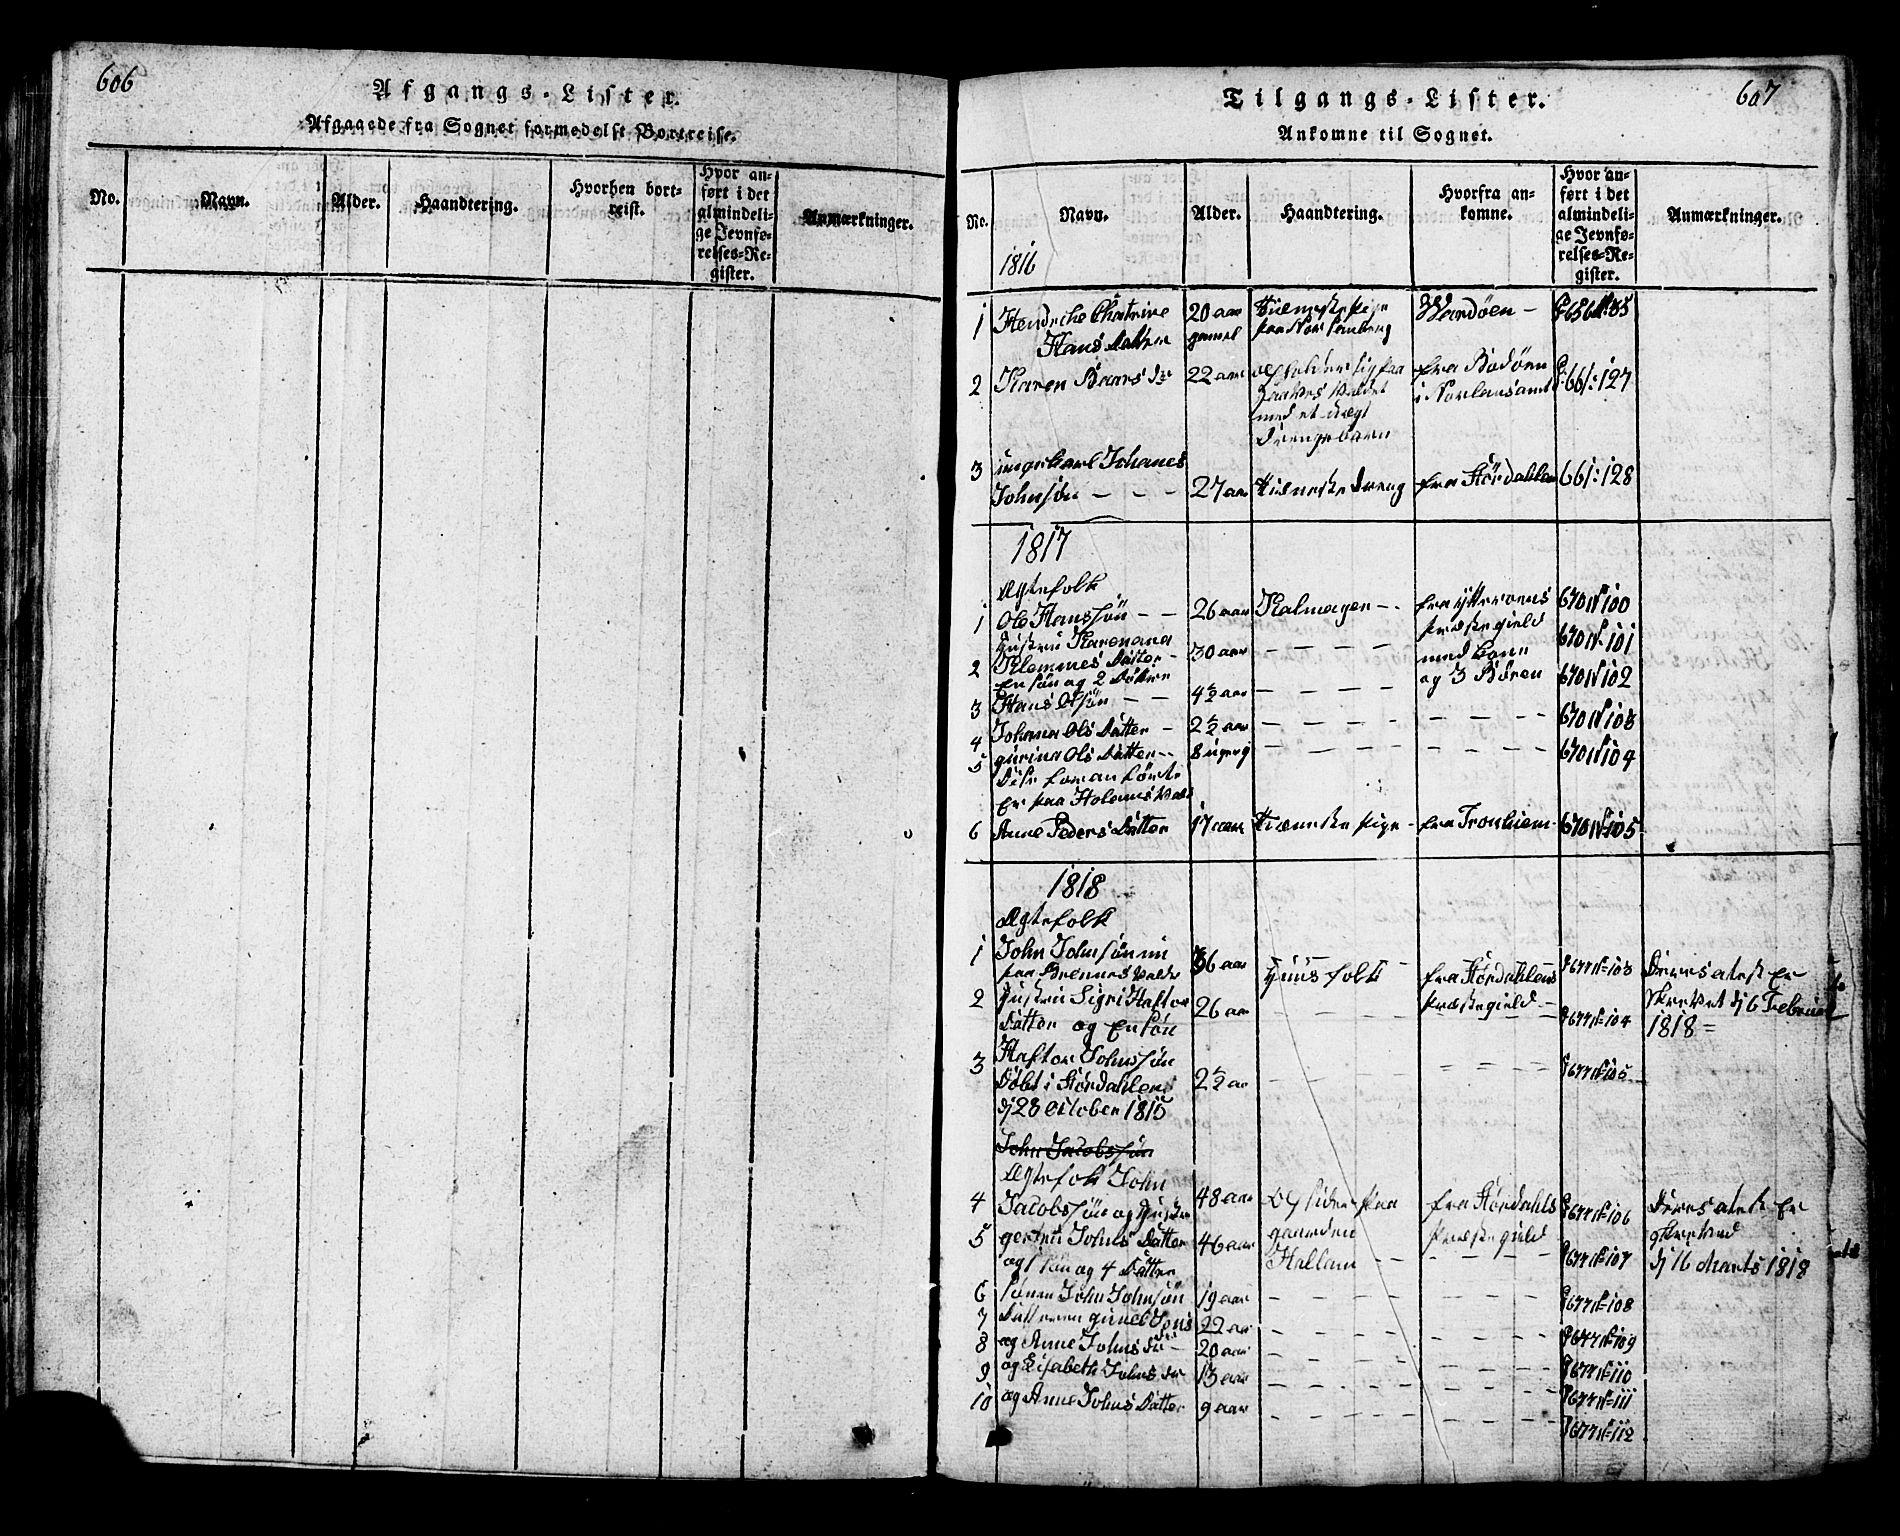 SAT, Ministerialprotokoller, klokkerbøker og fødselsregistre - Nord-Trøndelag, 717/L0169: Klokkerbok nr. 717C01, 1816-1834, s. 606-607